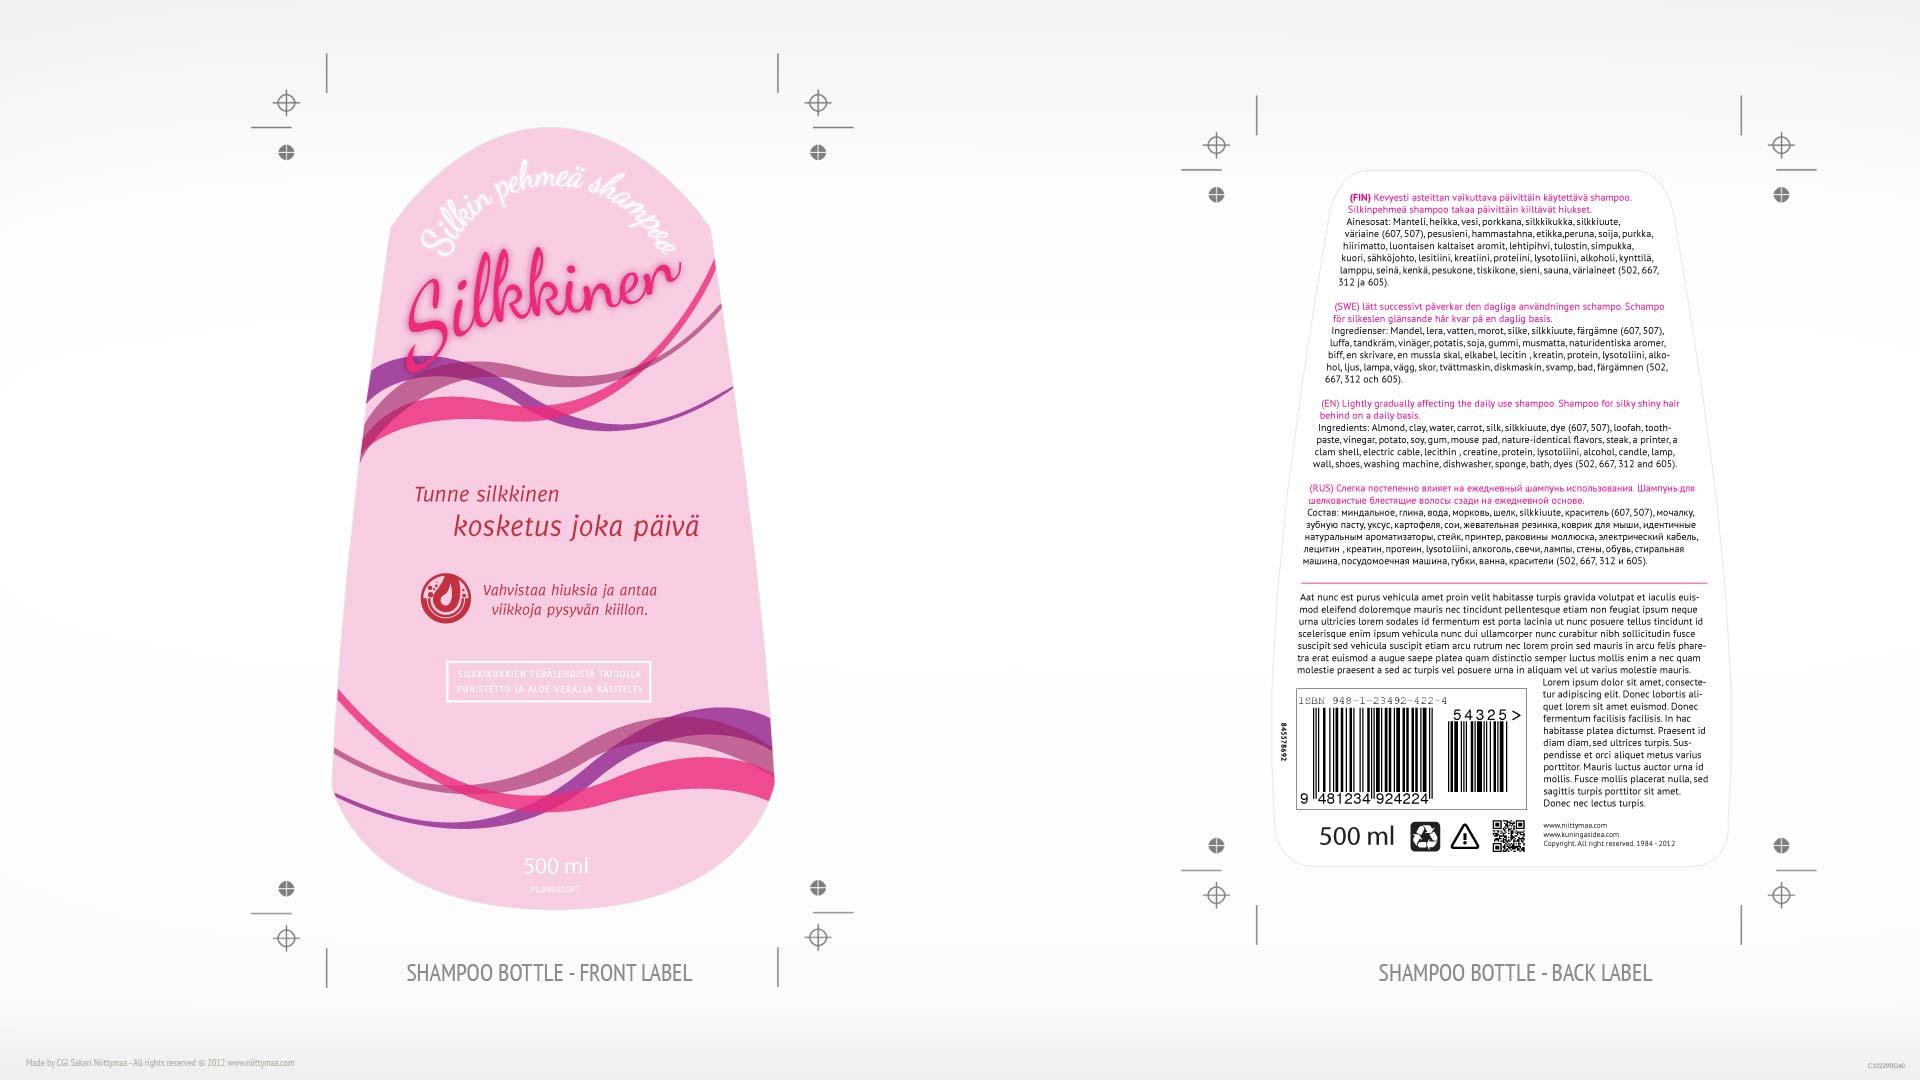 Silkkinen-Shampoo_Etiquettes_01